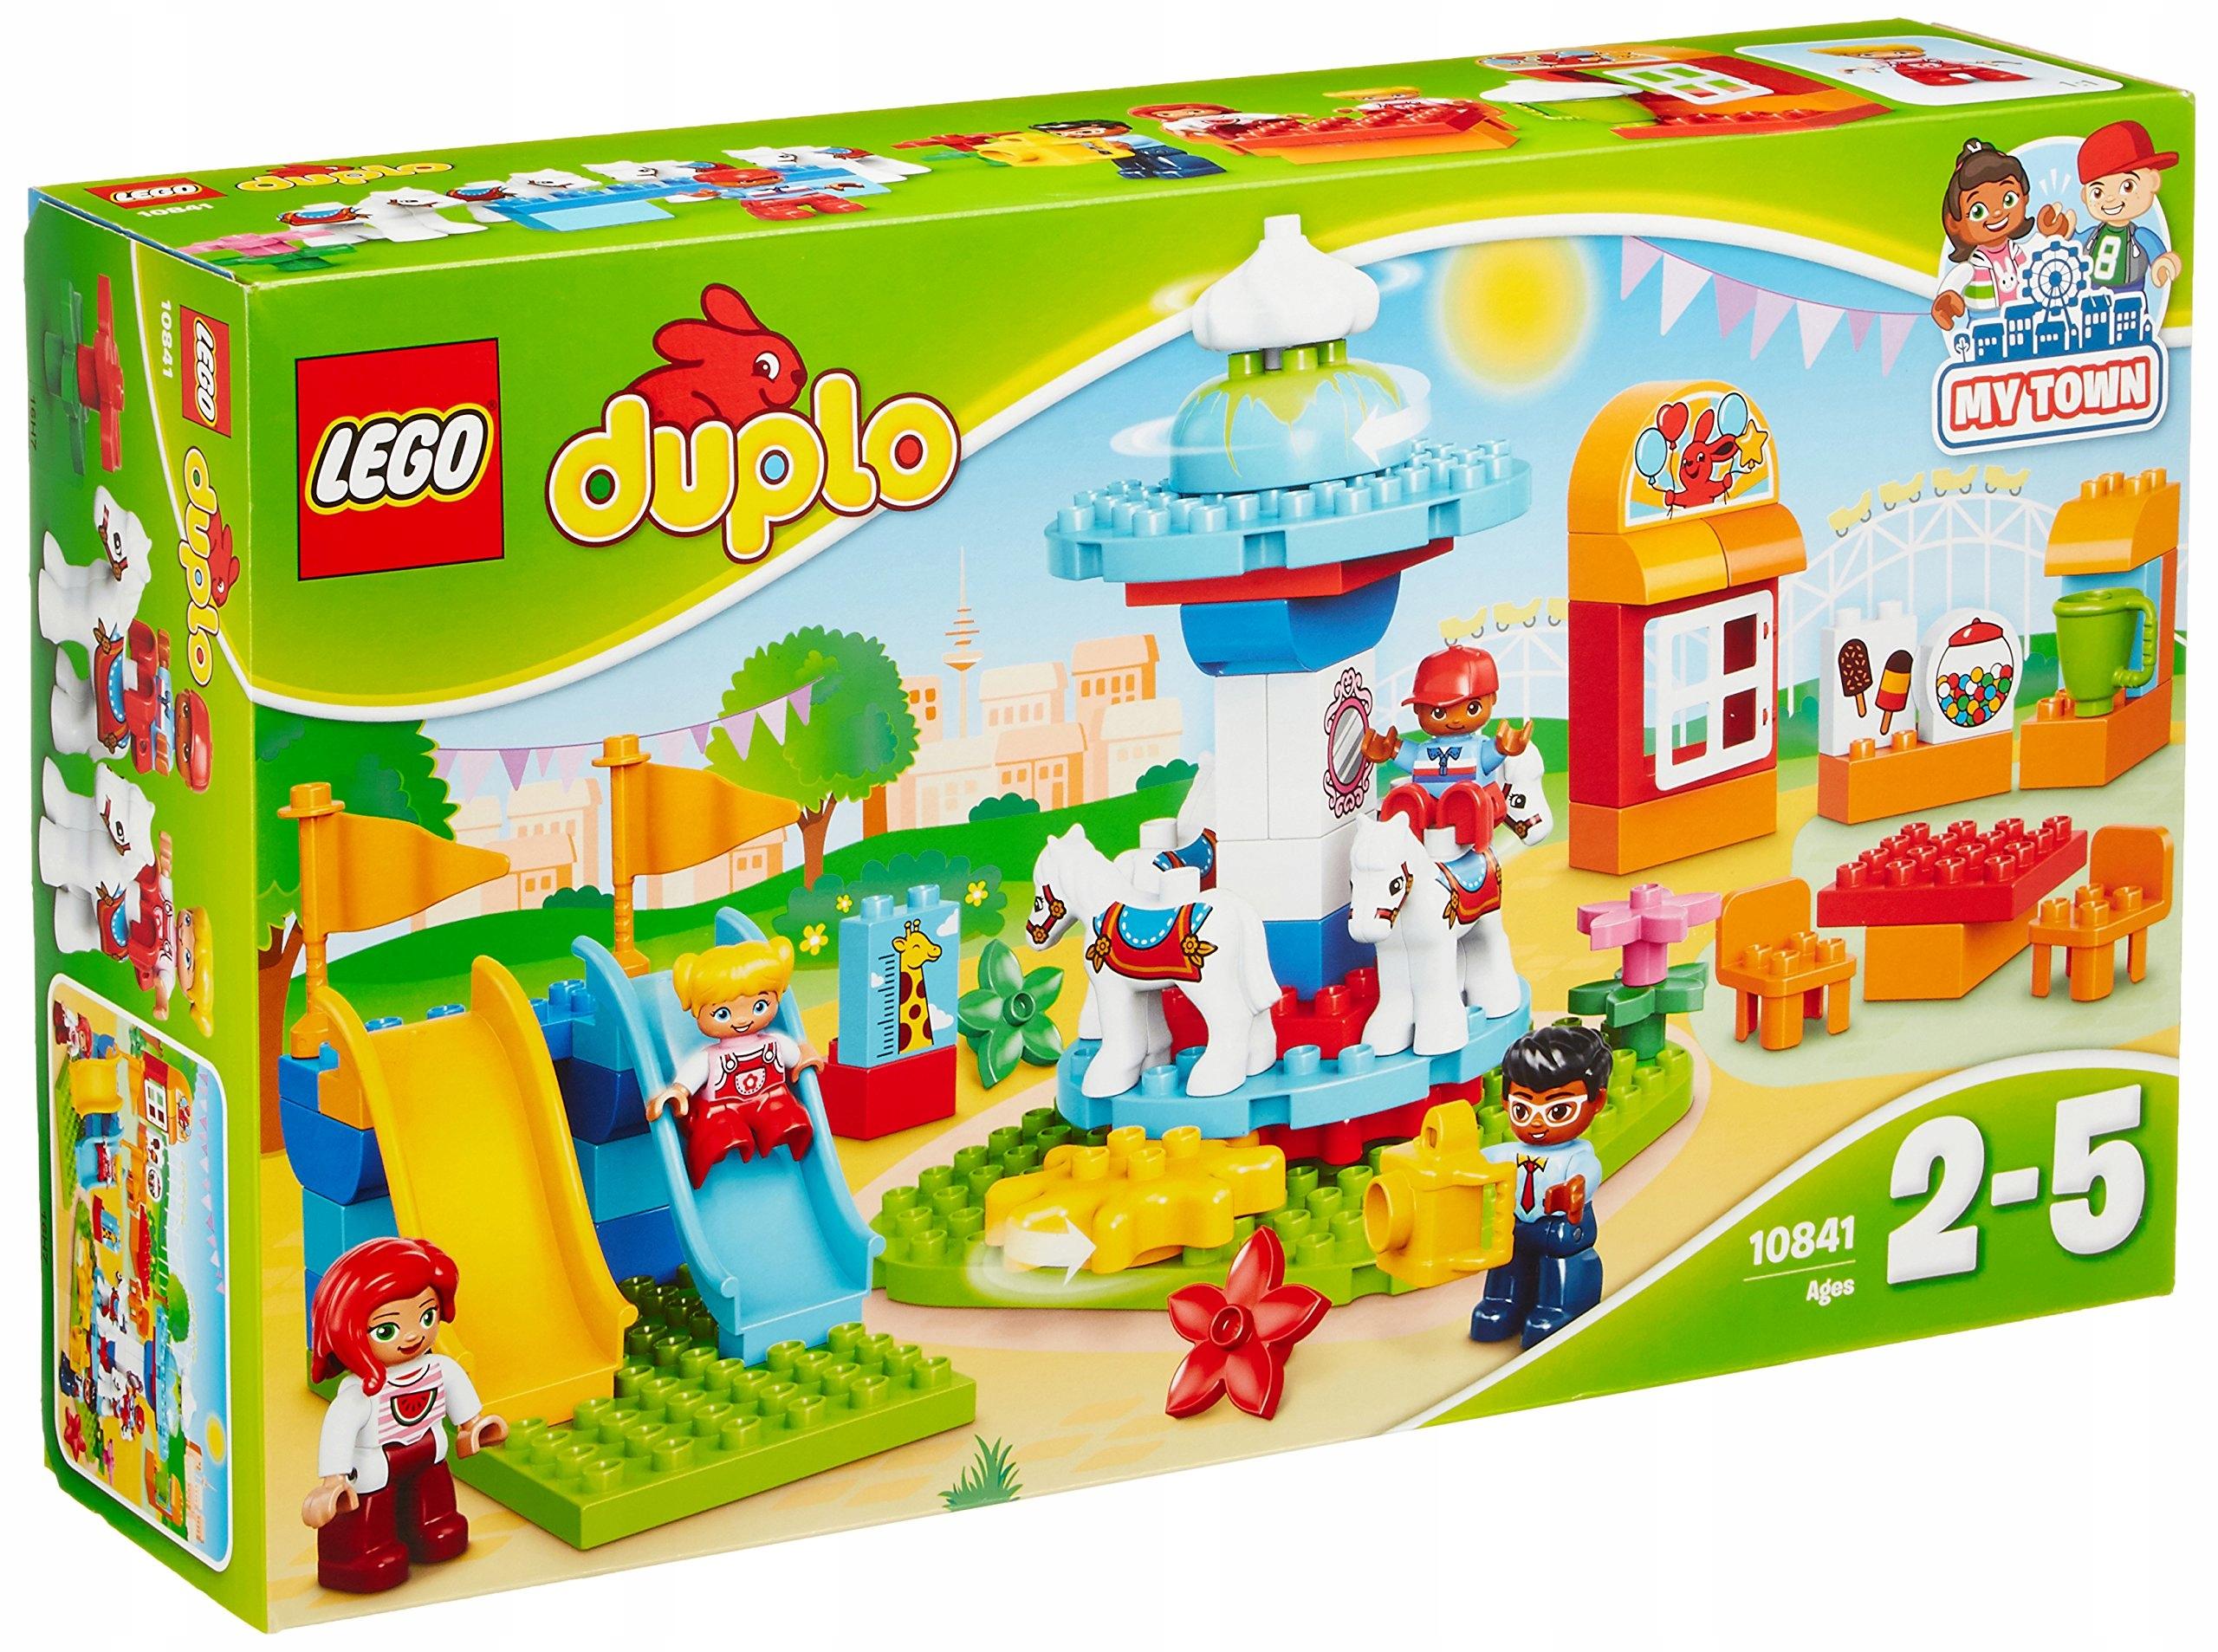 Lego Duplo 10841 Wesołe Miasteczko Klocki 7455415548 Oficjalne